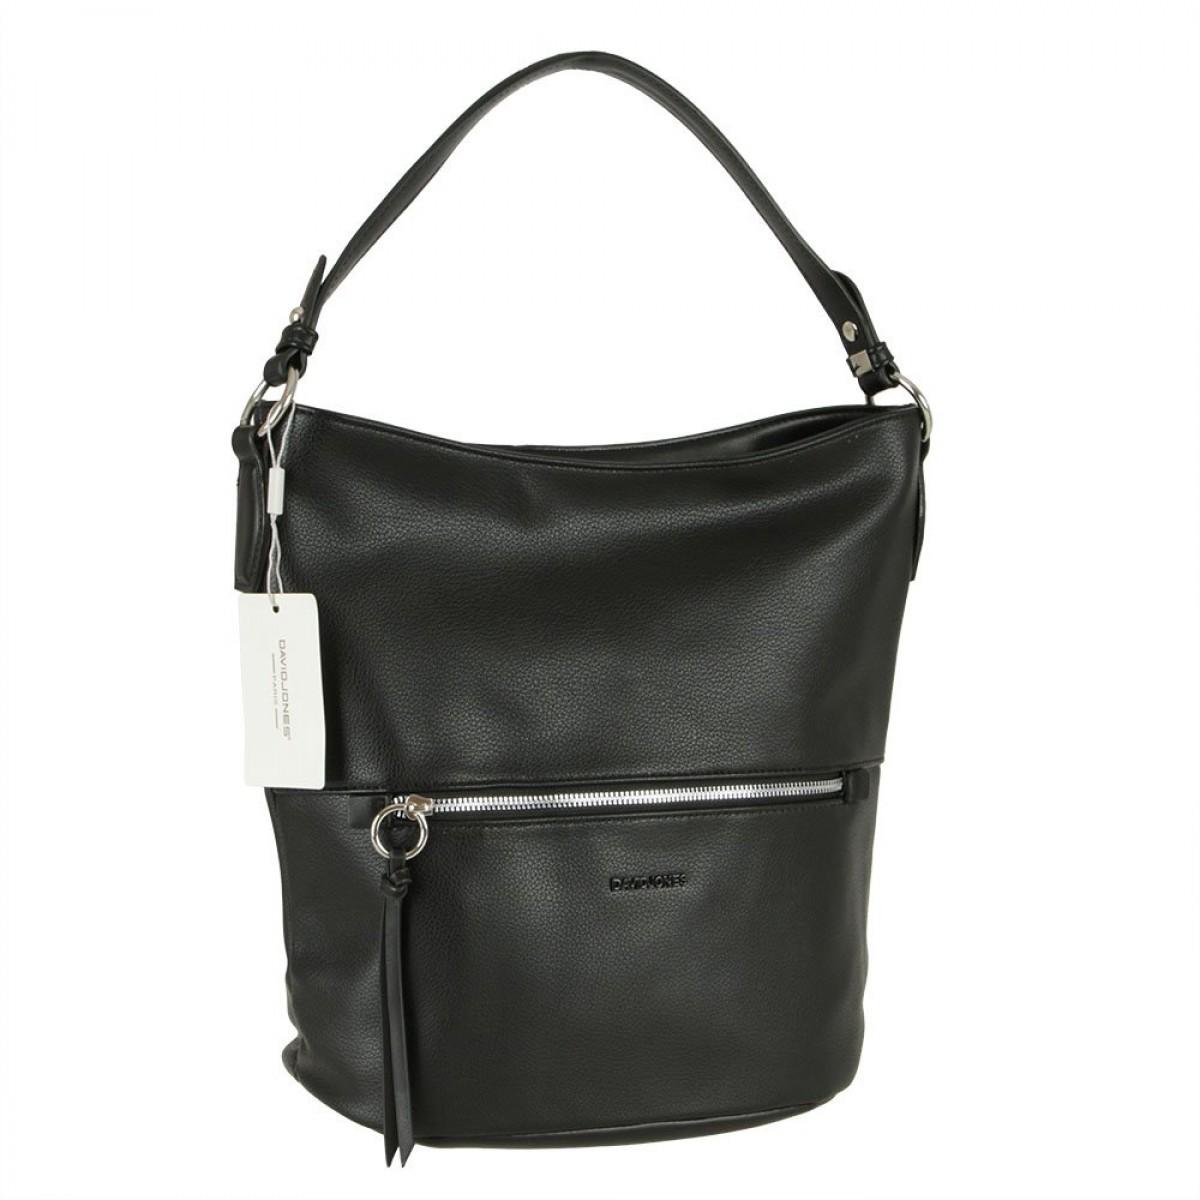 Жіноча сумка David Jones 6422-1 BLACK